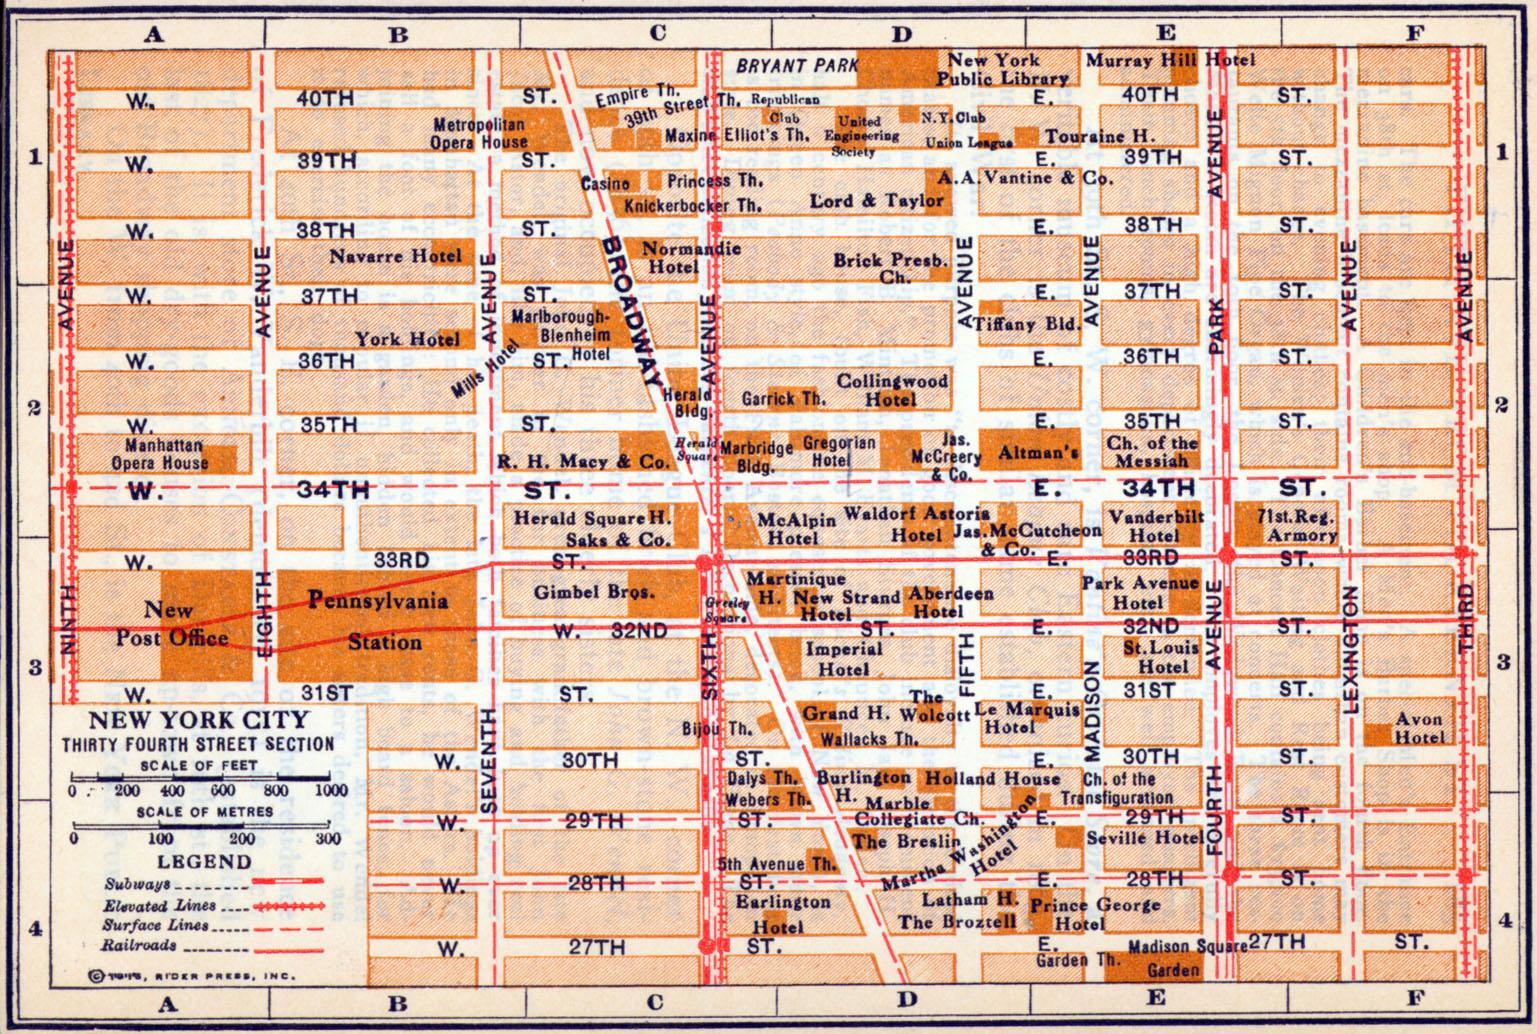 Mapa de la Sección de la Calle 34, Ciudad de Nueva York, Nueva York, Estados Unidos 1916